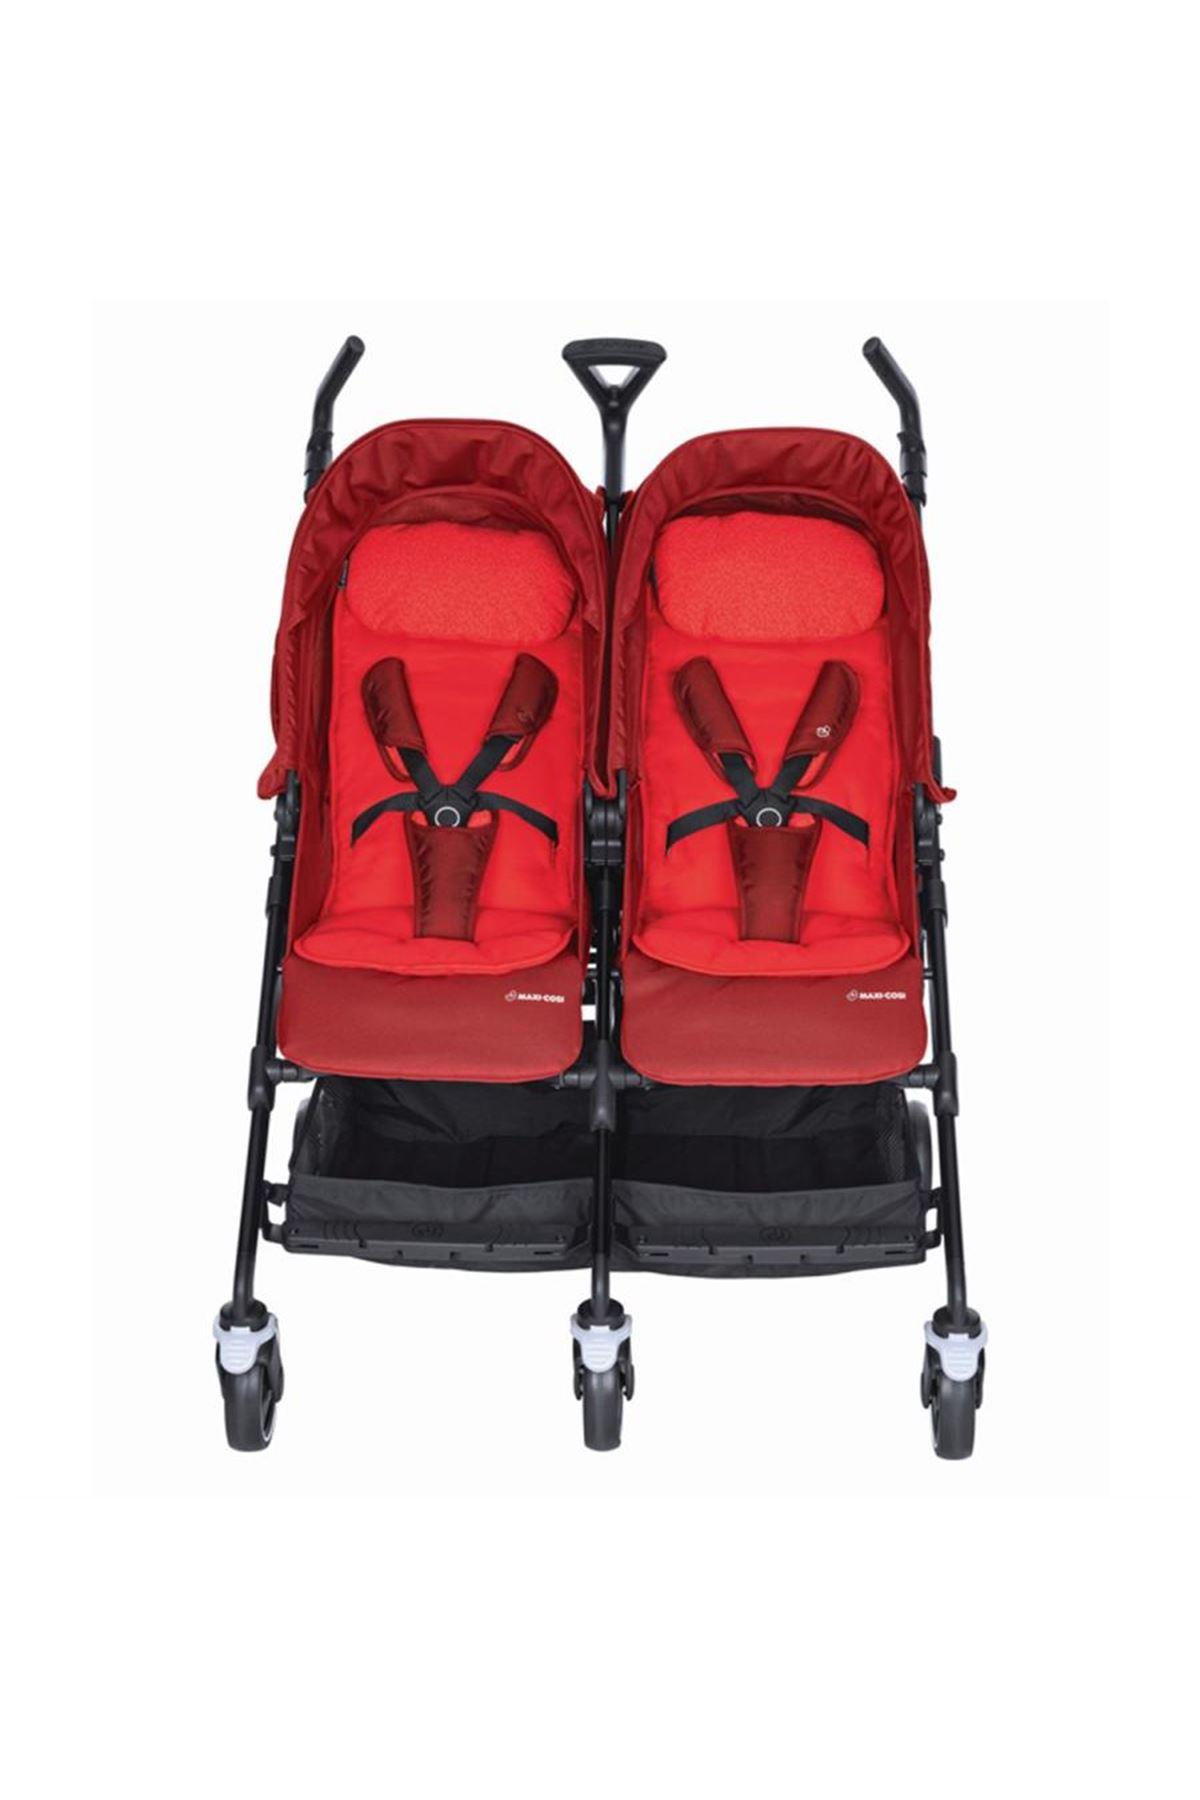 Maxi-Cosi Dana For2 İkiz Bebek Arabası / Vivid Red